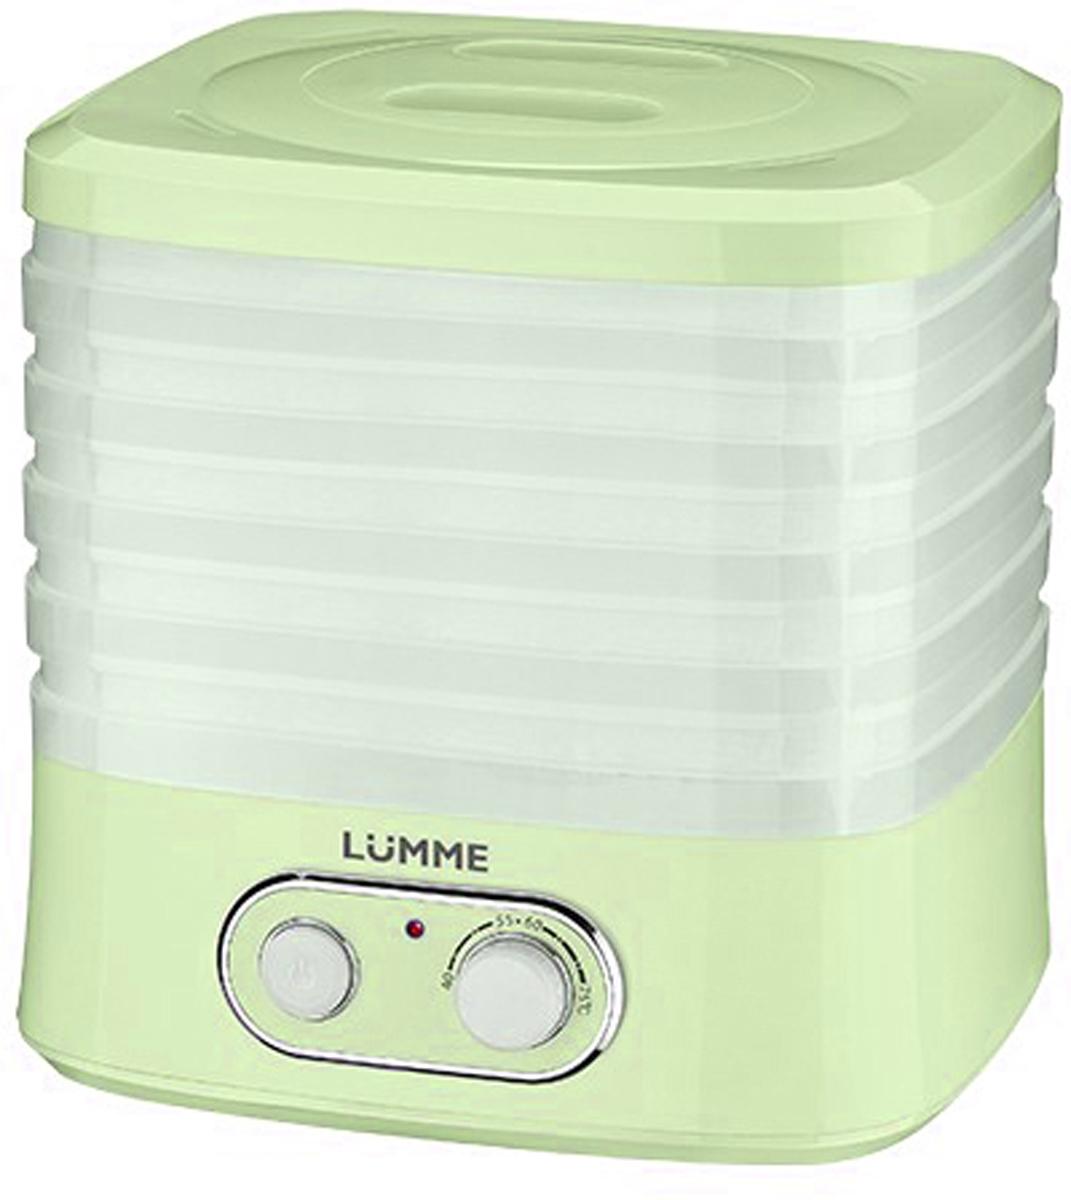 Дегидратор Lumme LU-1853, Green